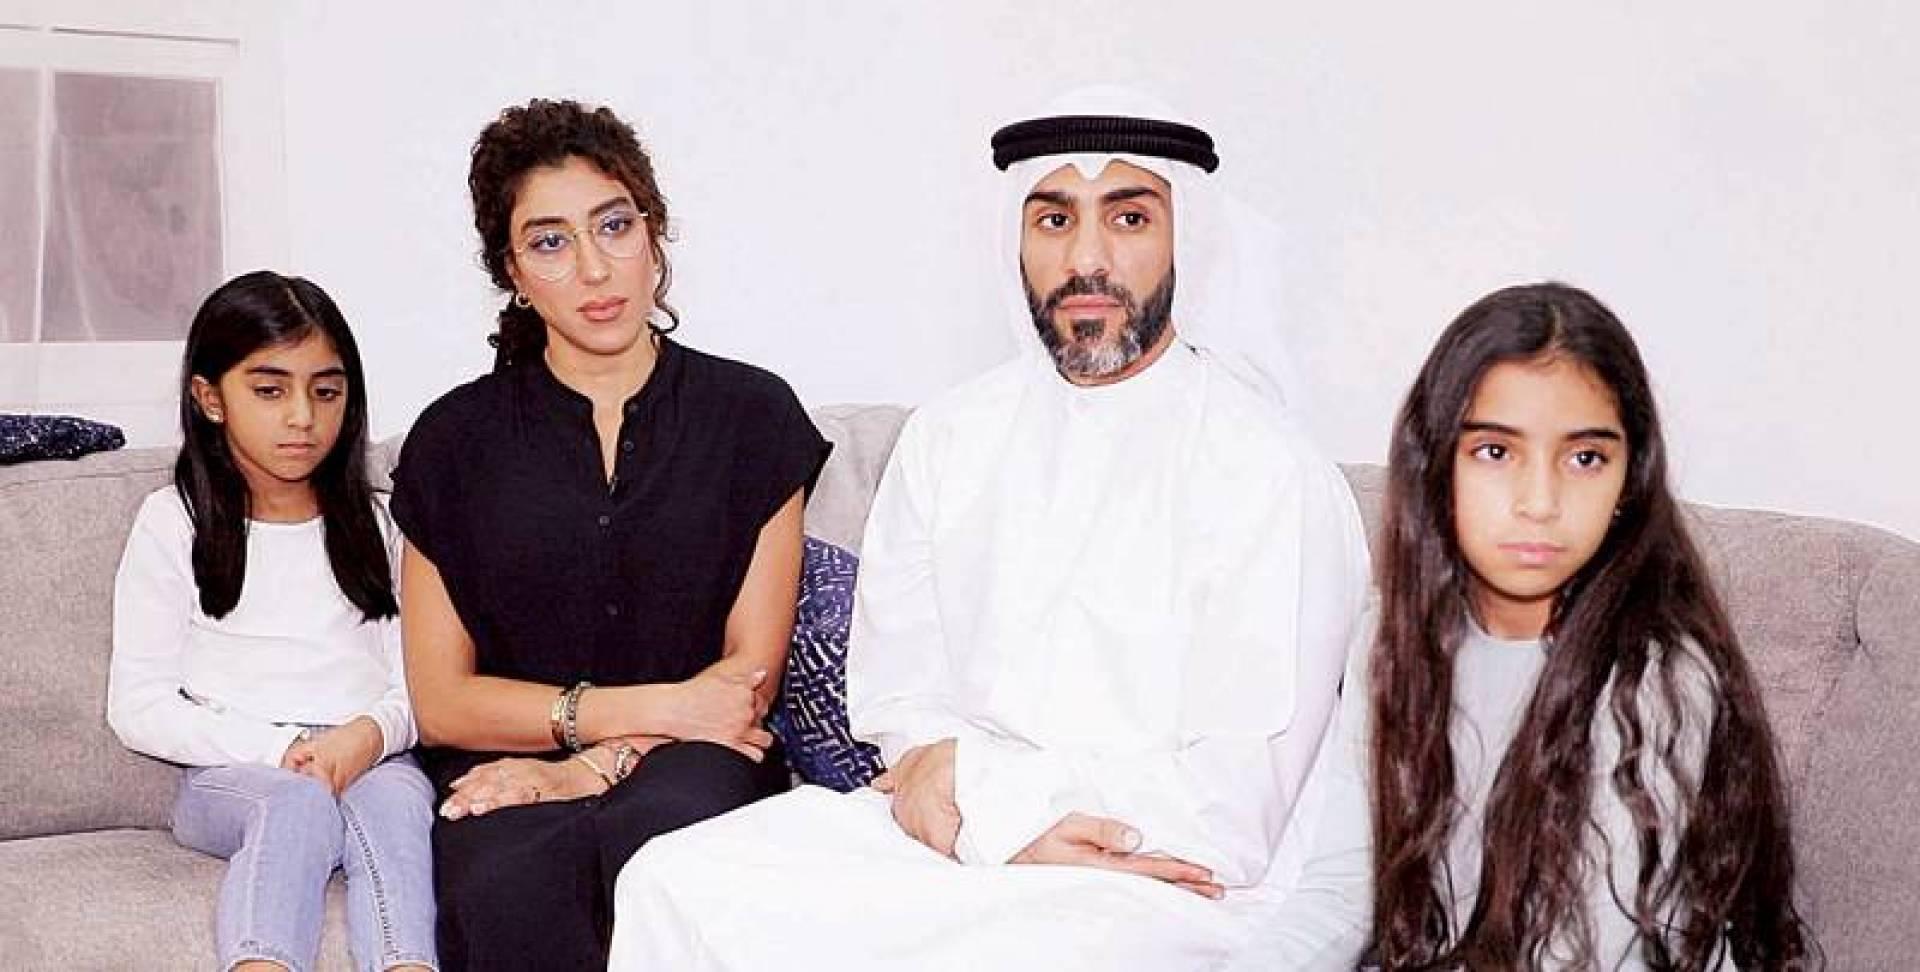 حمزة القطان وزوجته د. فاطمة الصيرفي وابنتاهما جود وريم